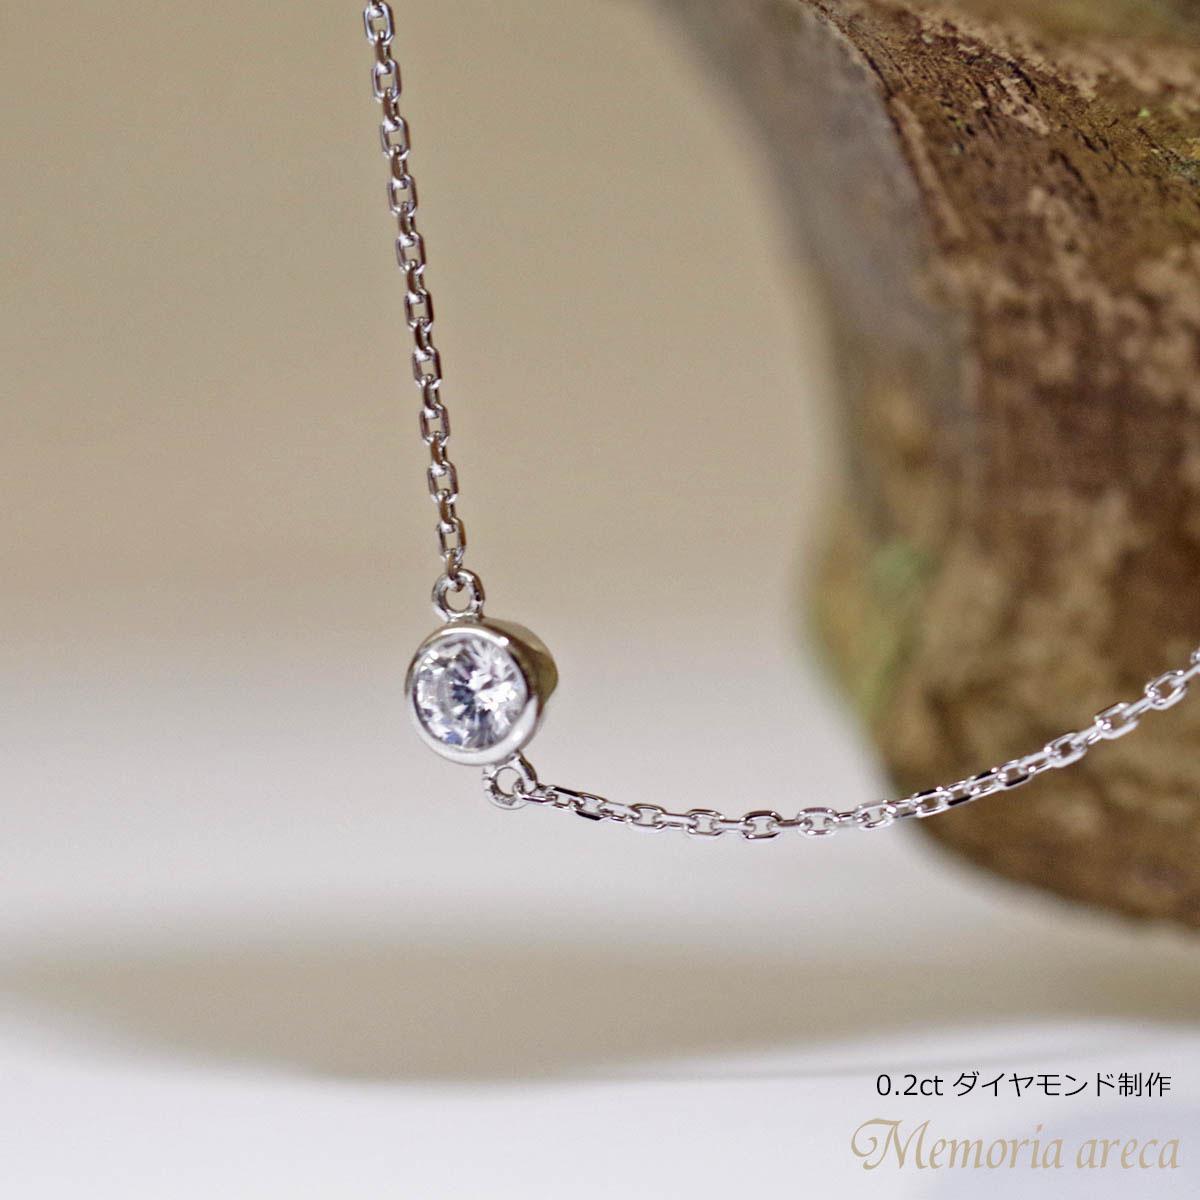 メモリアルジュエリー ブレスレット MB01 【完全防水樹脂埋封ジュエリー】 プラチナ×ダイヤモンド(誕生石)